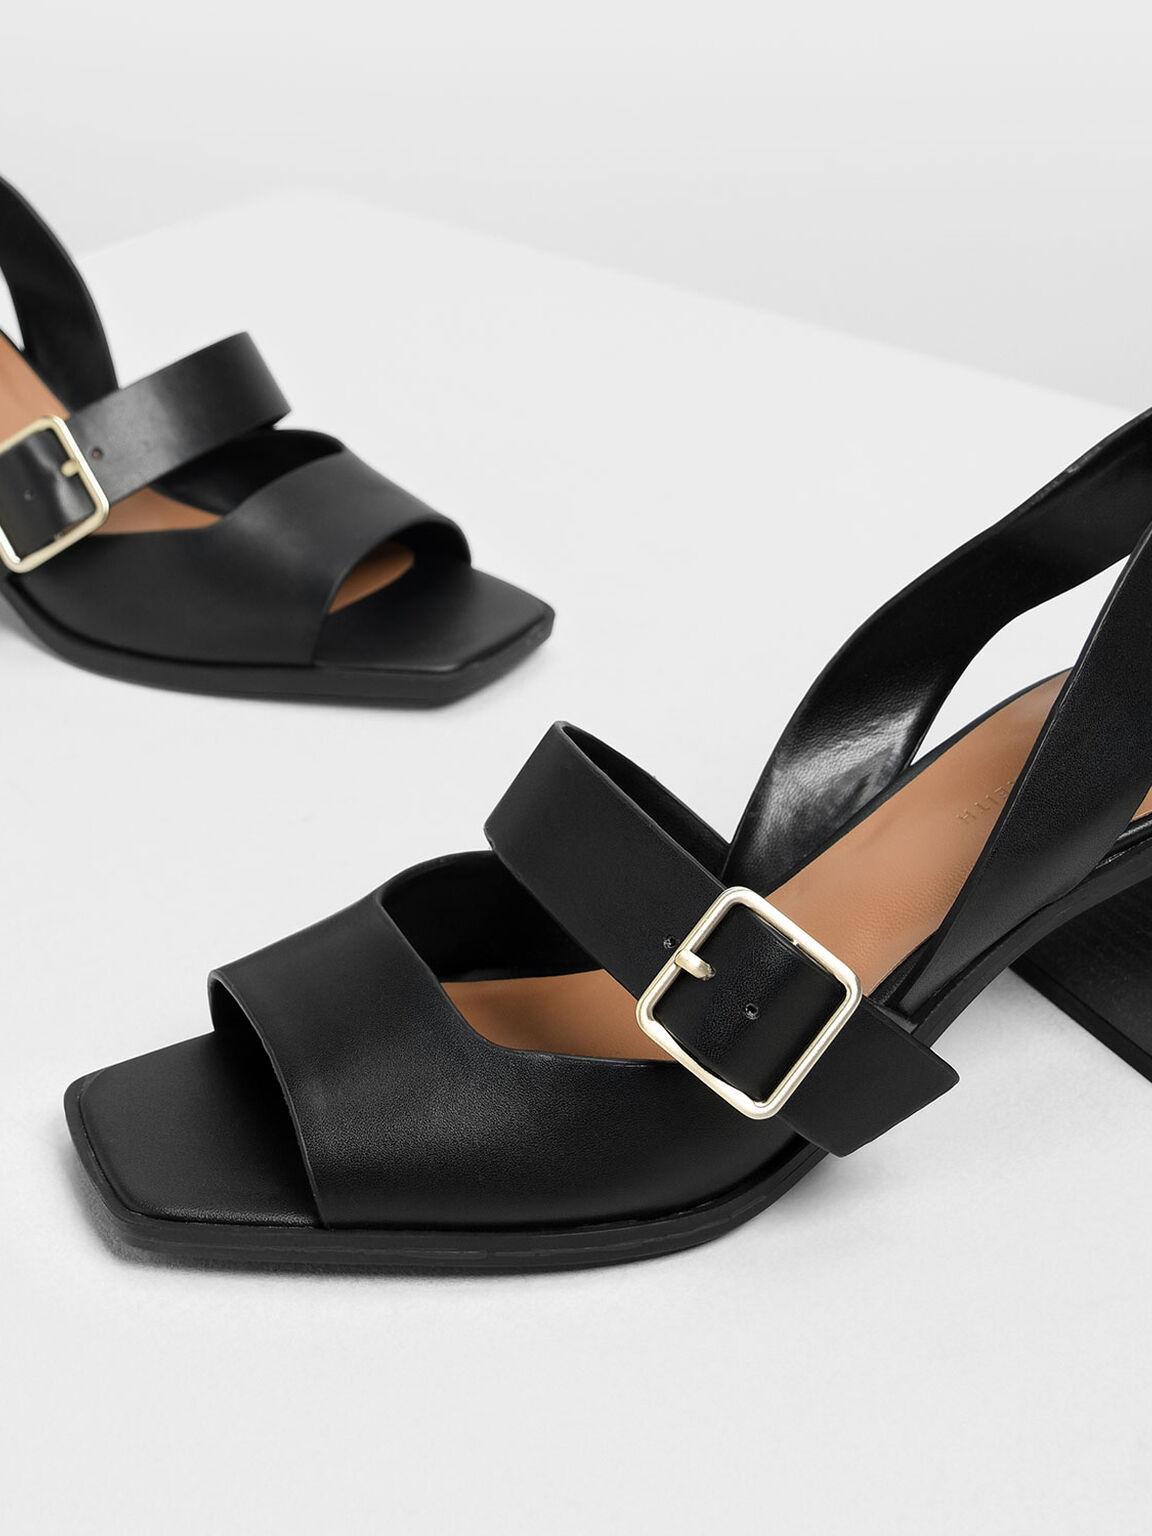 Square Toe Block Heels, Black, hi-res